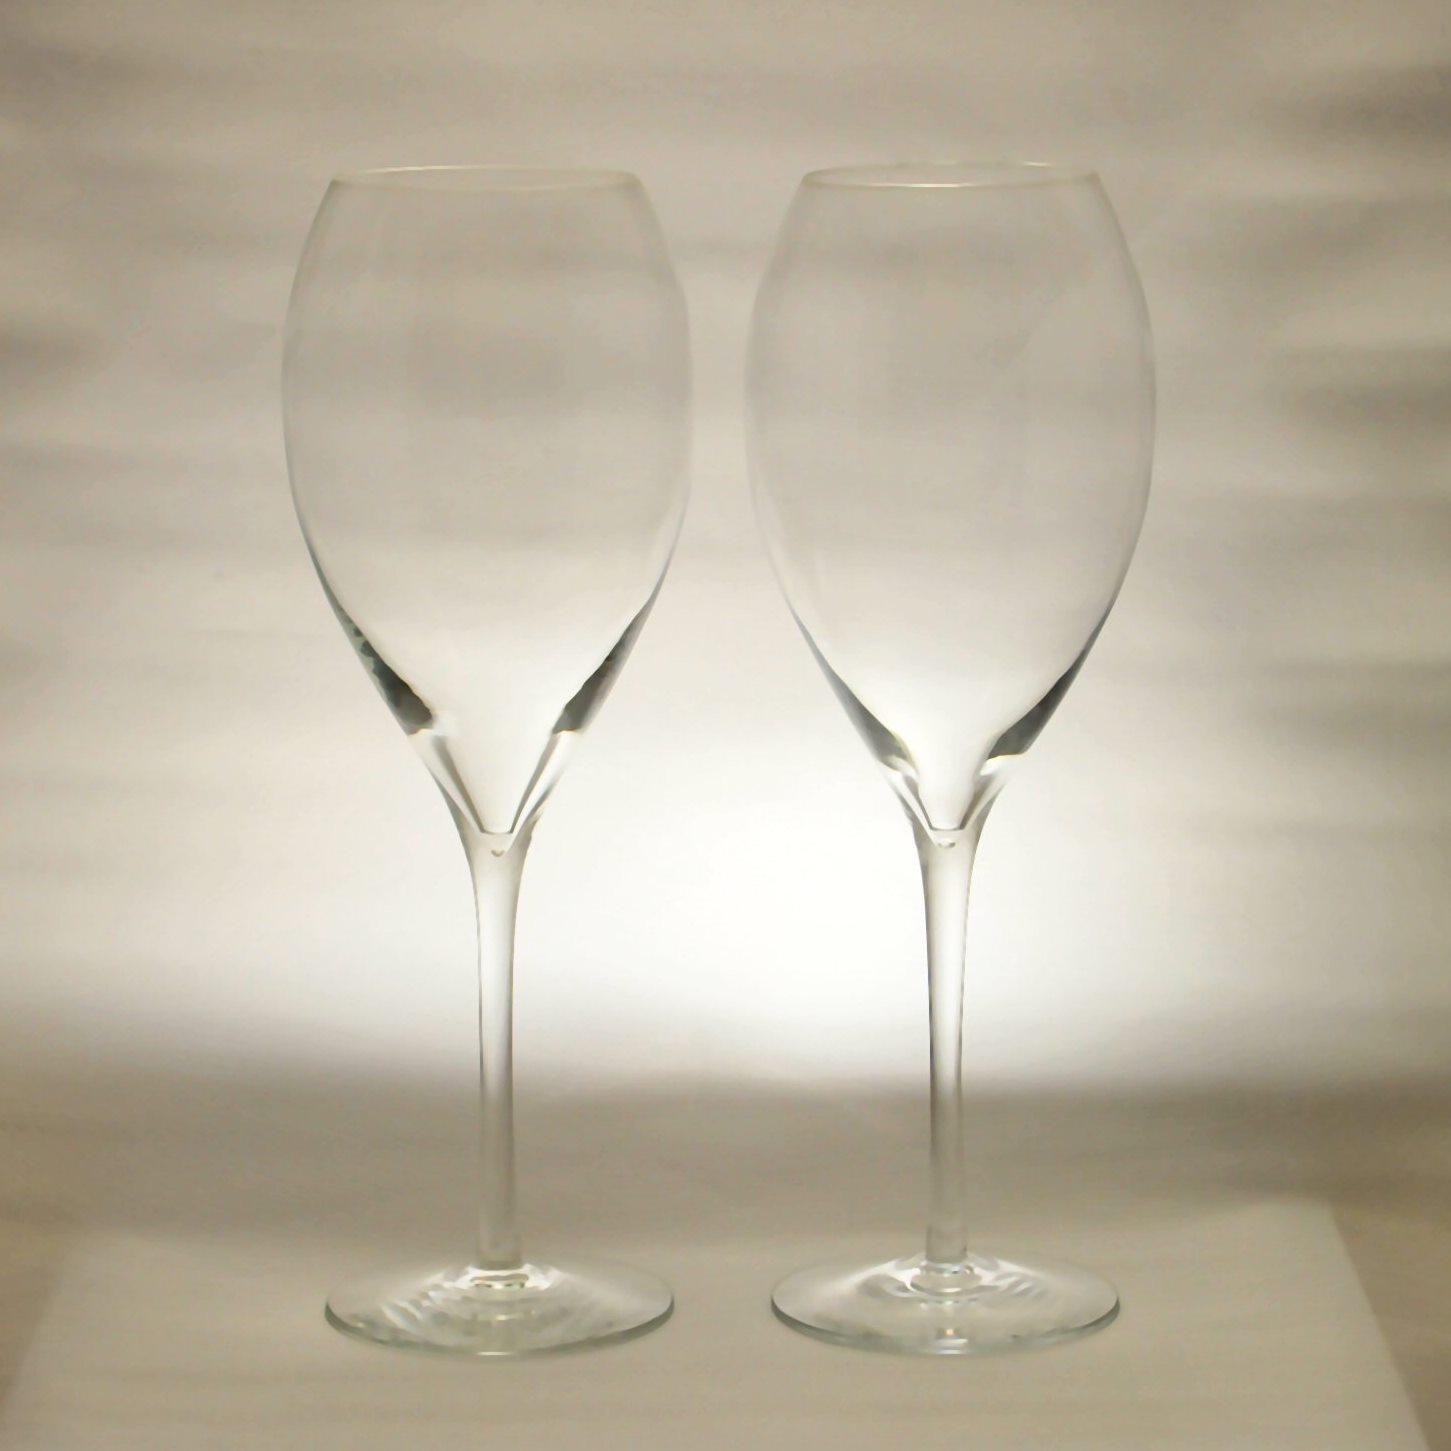 レイミューラ ジョセフィン ワインガラス ペアセット Reijmyre Josephine Wine Glass Pair Set